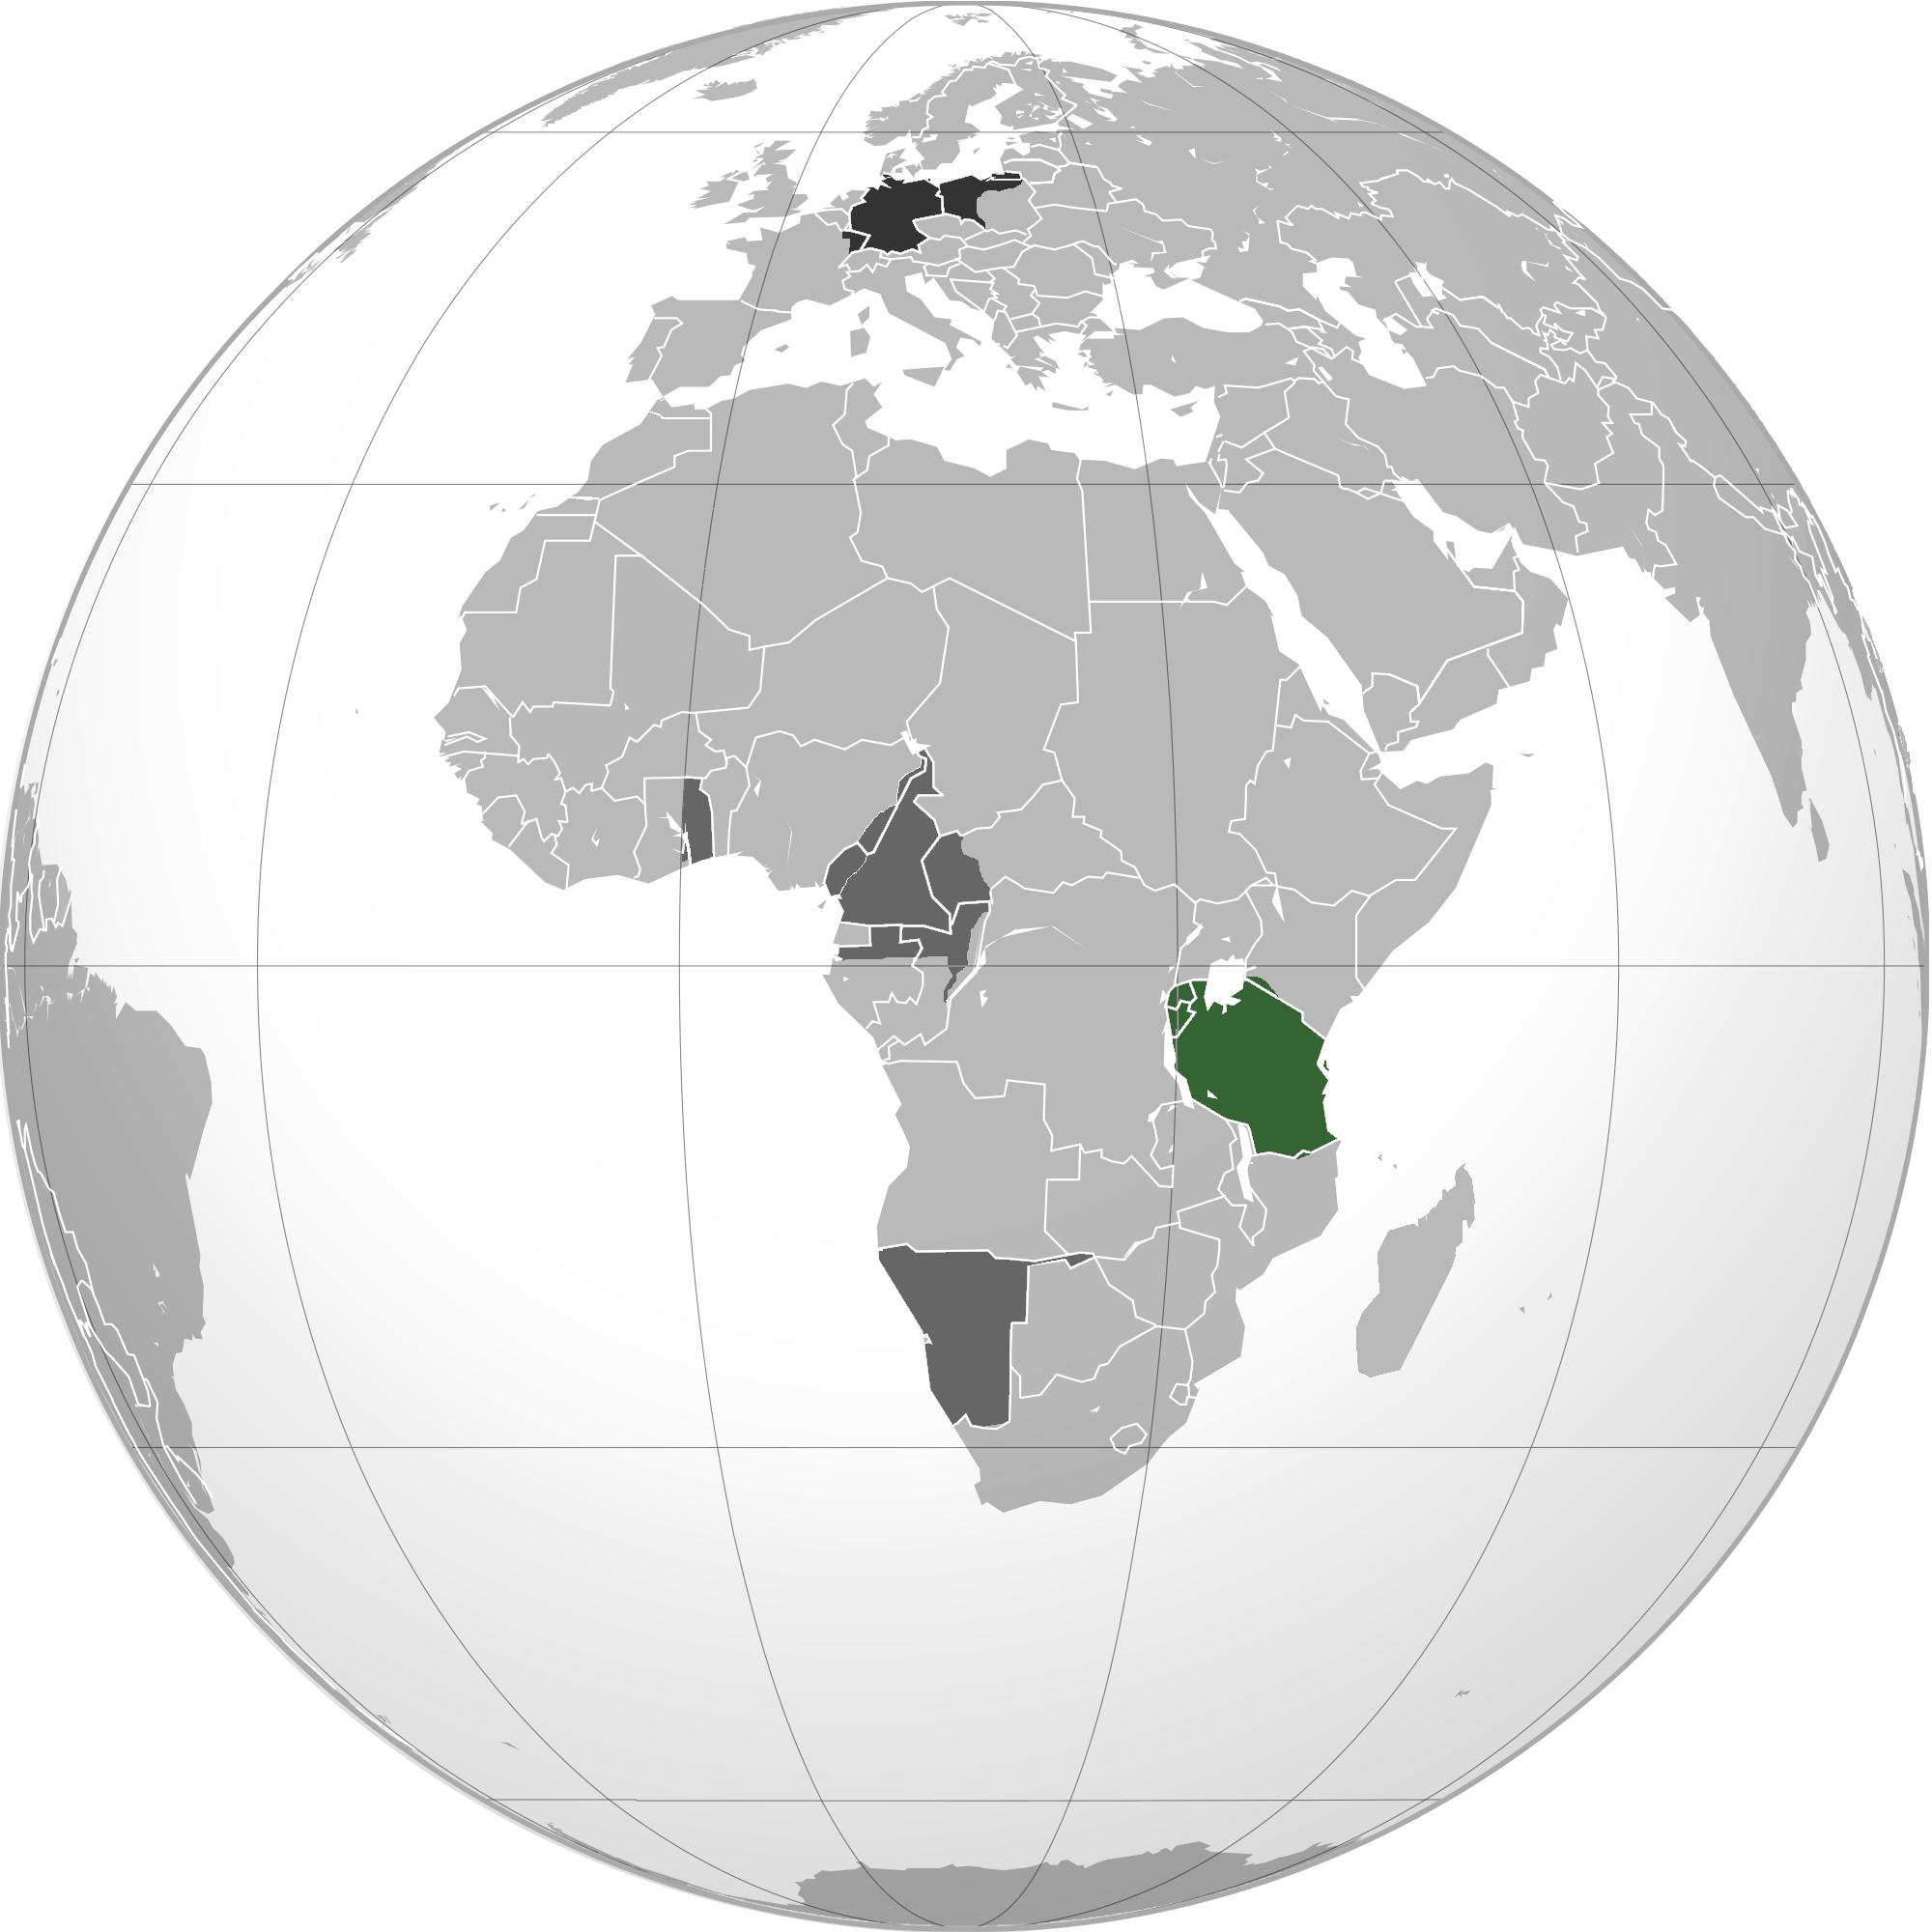 Tysk Østafrika er markeret med grønt, mens de andre tyske besiddelser i Afrika er markeret med gråt. Det Tyske Rige i Europa er sort. De markerede grænser er nutidige. Kort: Wikimedia/VoodooIsland (https://en.wikipedia.org/wiki/File:German_east_africa_map.png)